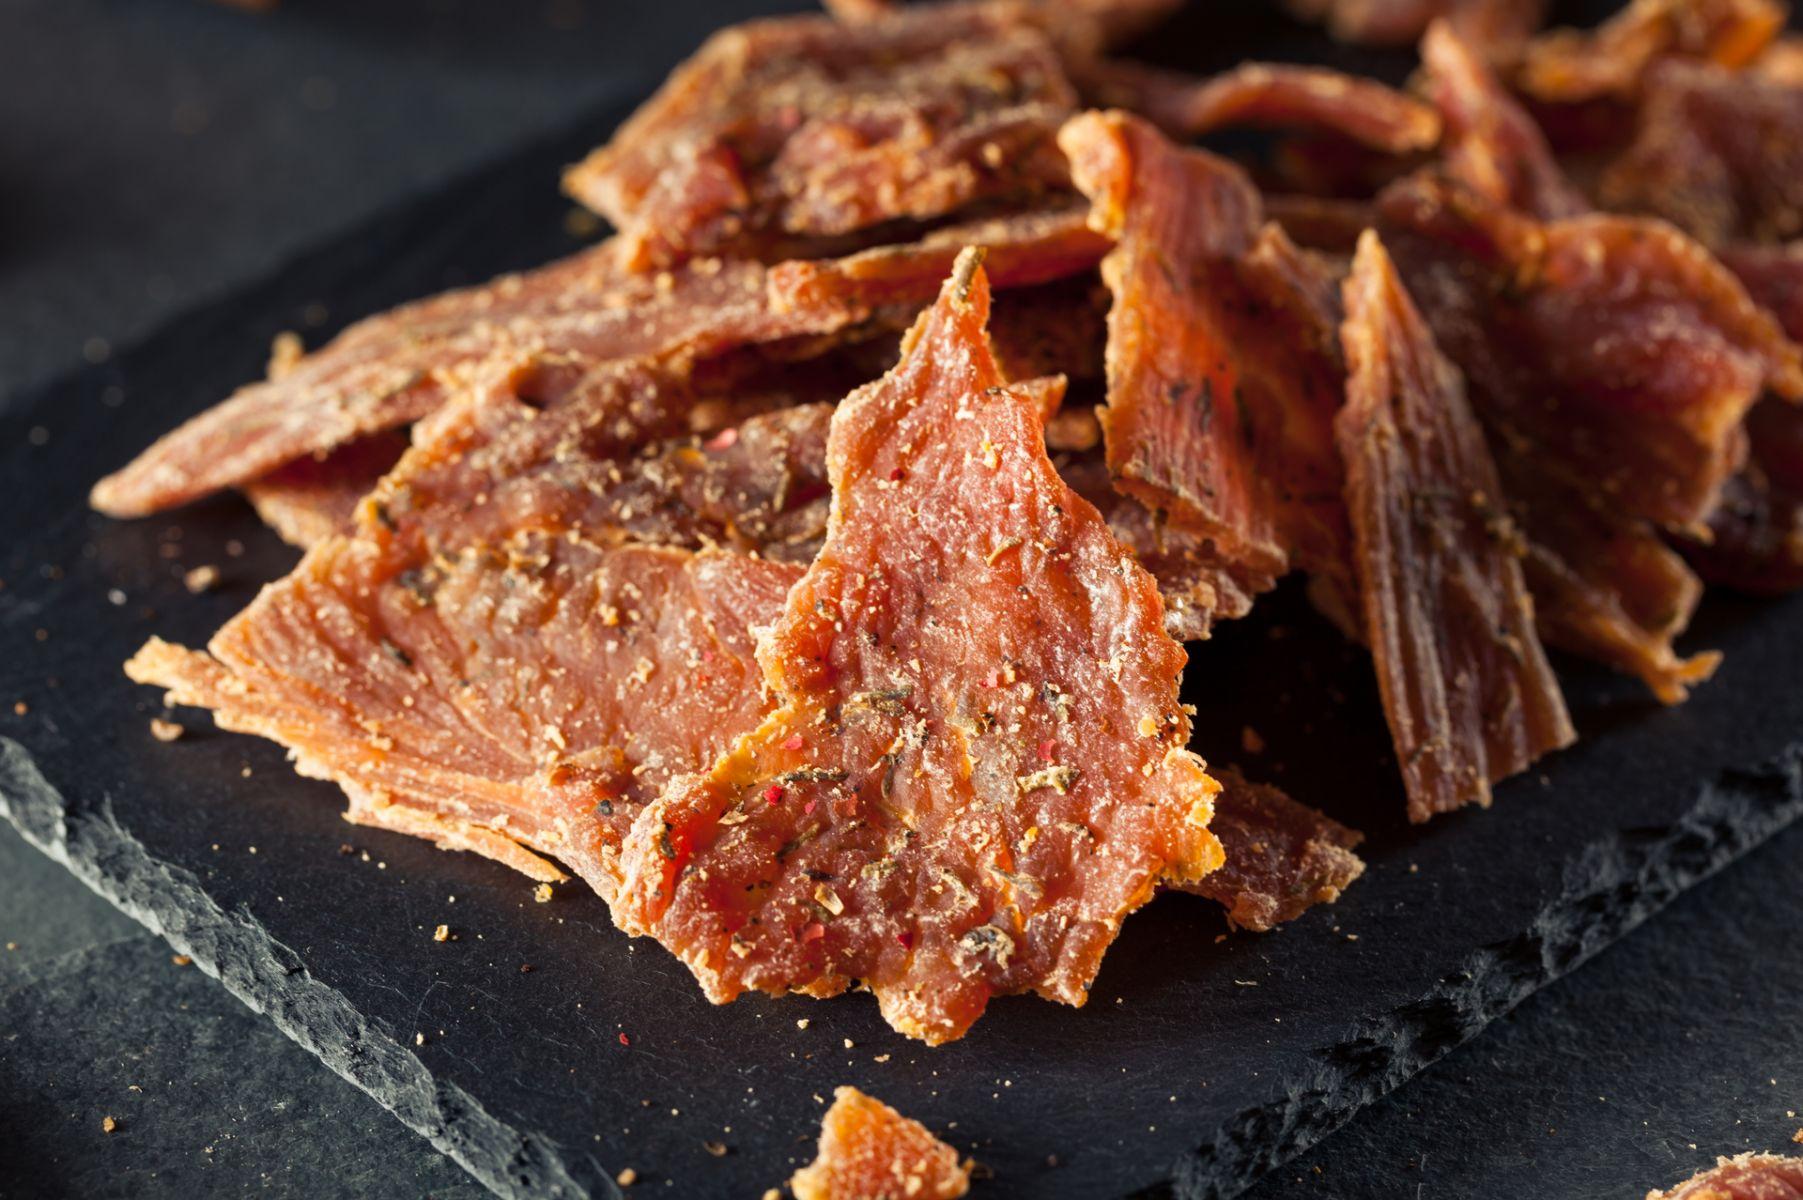 肉乾最多吃4片!鈉含量超標易增心臟病風險